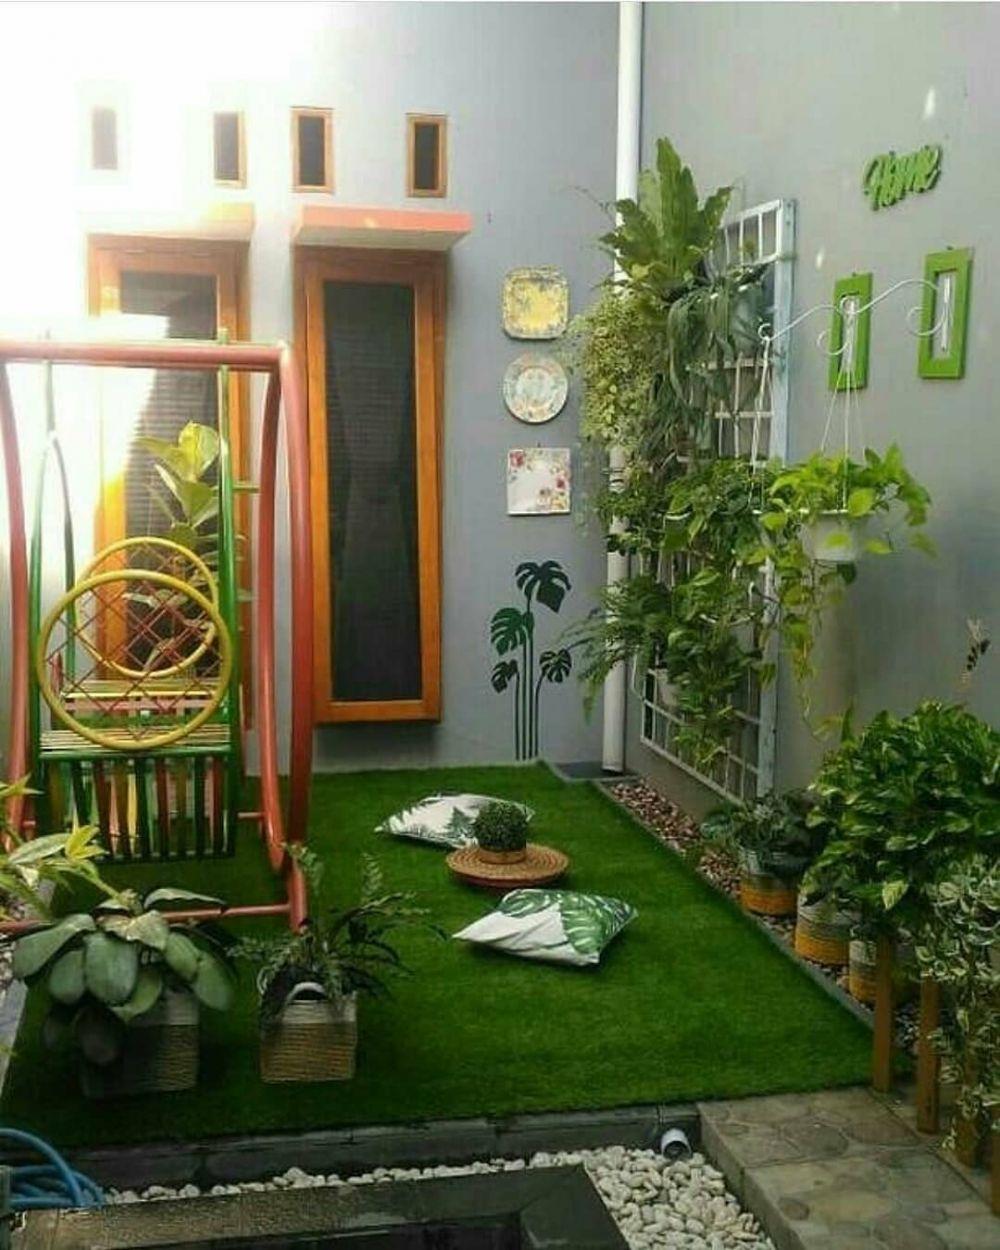 Rumah Impian 30 Contoh Desain Interior Rumah Islami Terkeren